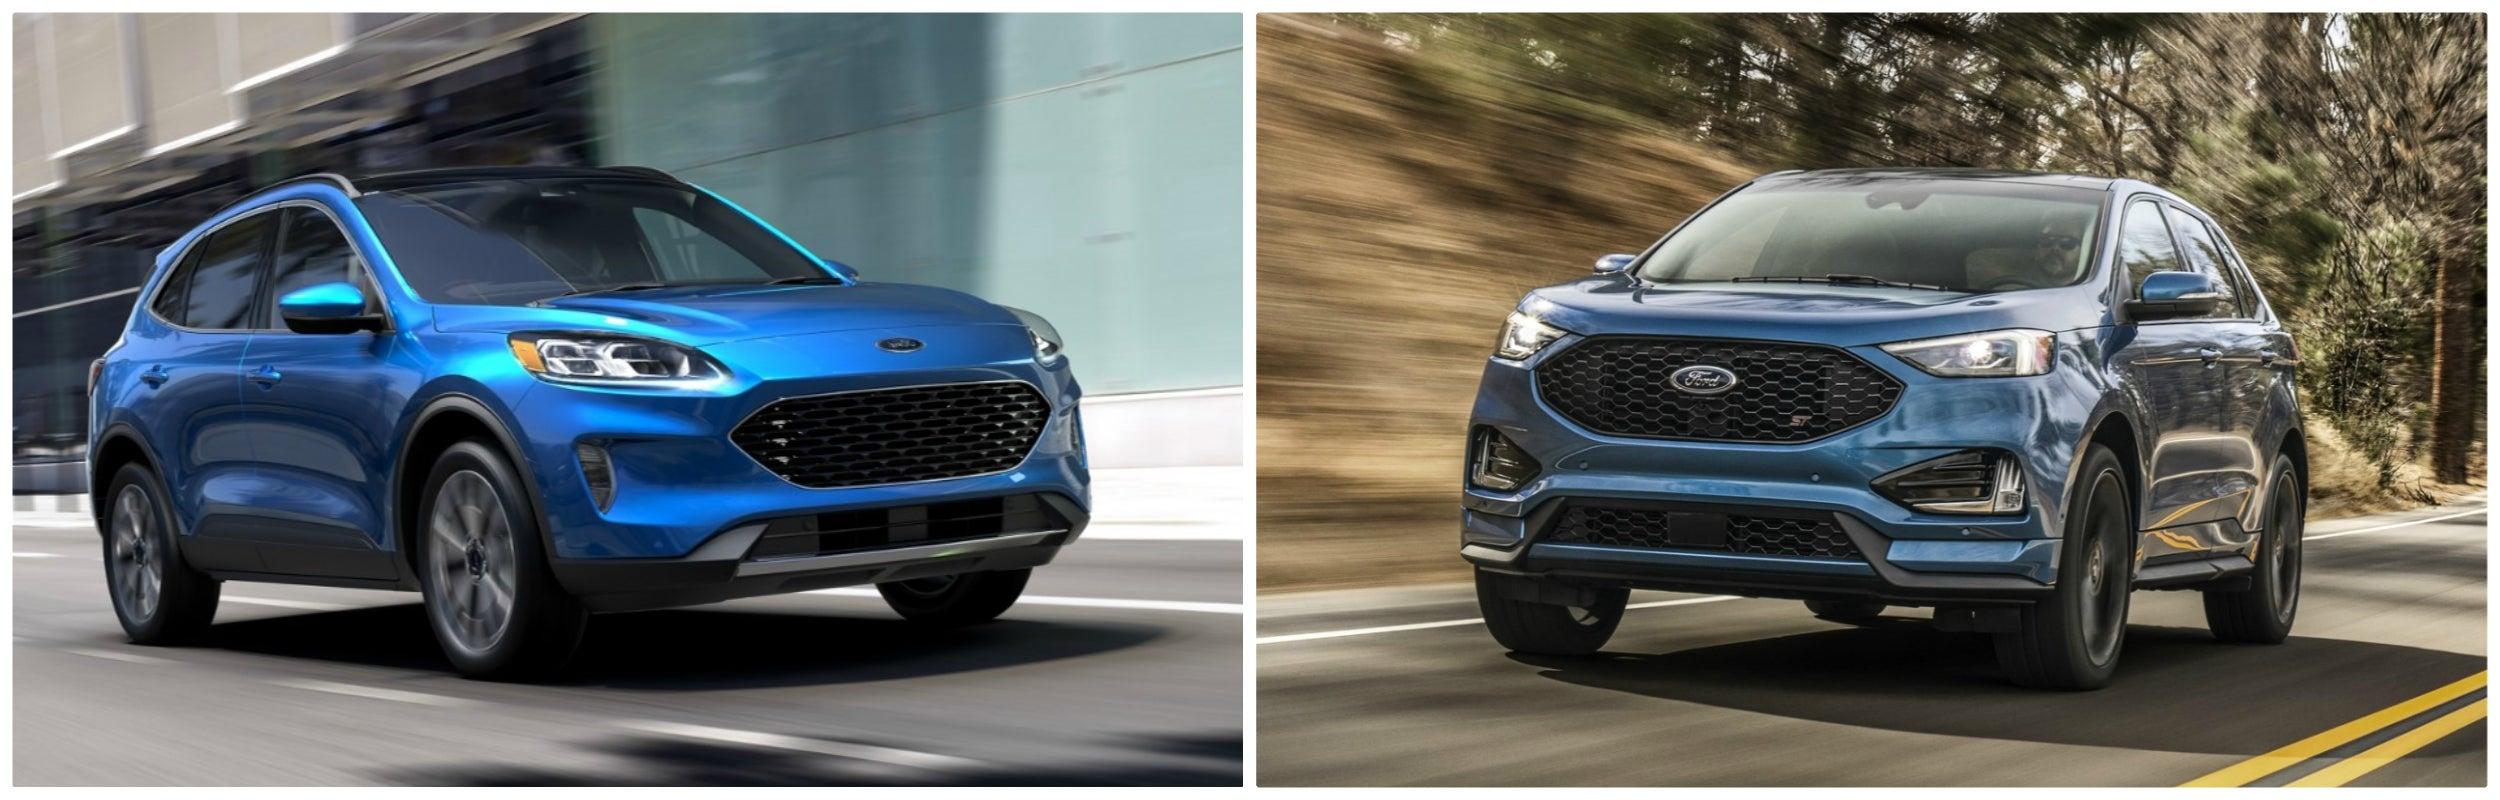 2021 Ford Escape Vs. 2021 Ford Edge